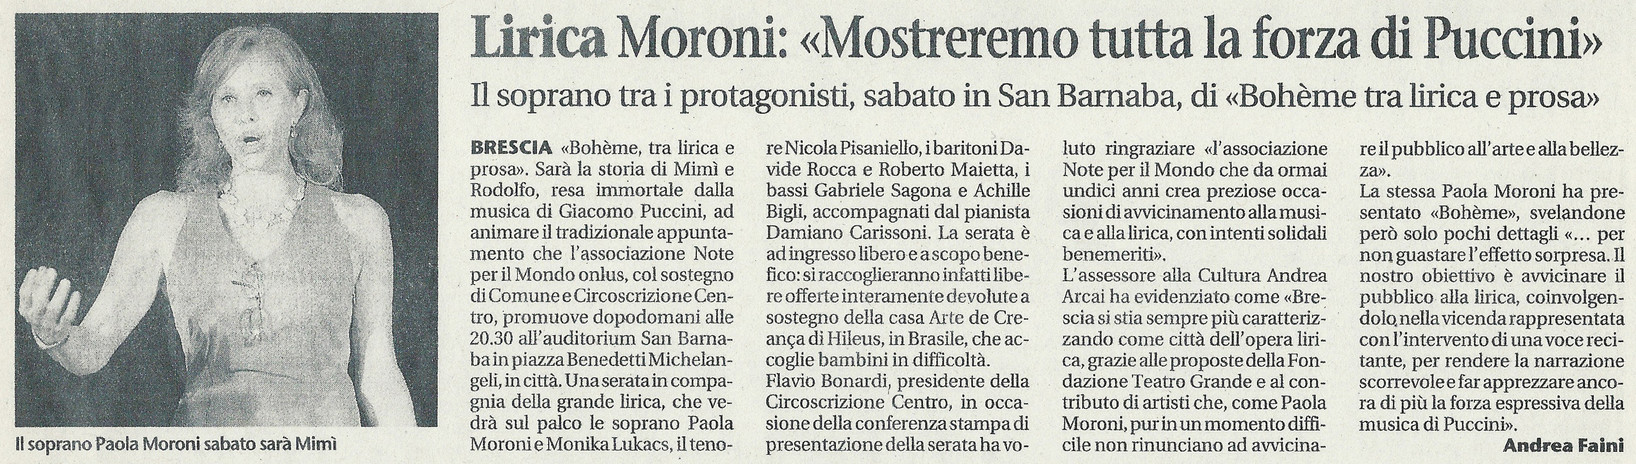 8 novembre 2012 Giornale di Brescia.jpg